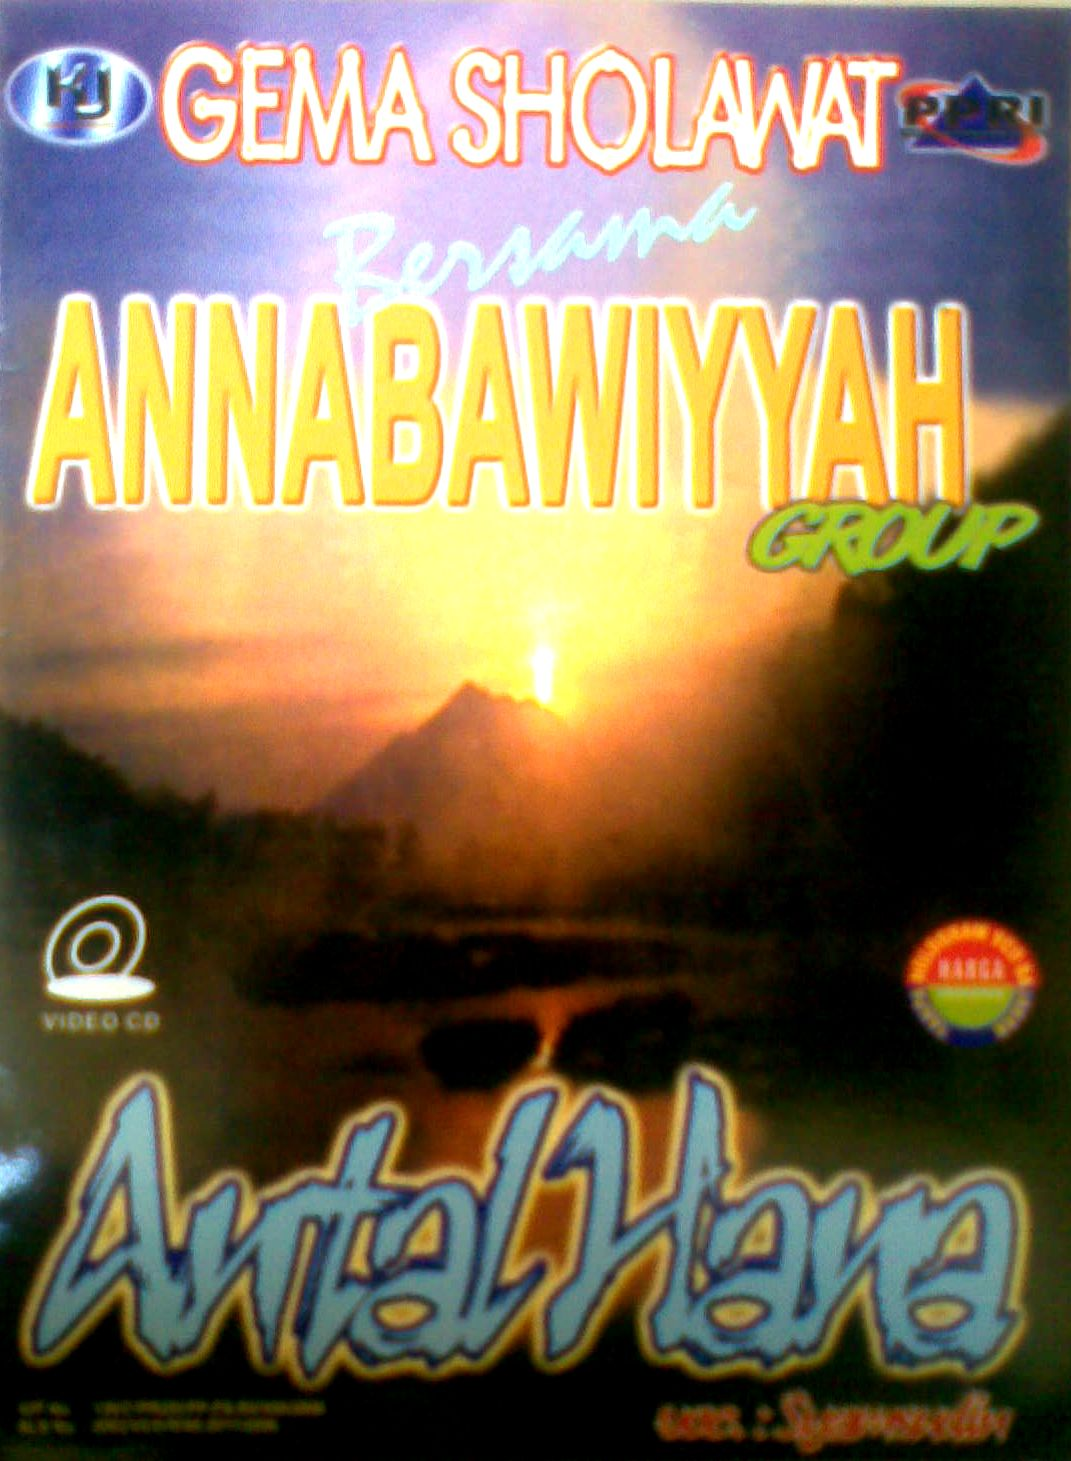 http://2.bp.blogspot.com/_RmZP_cWExB0/TCyOMK9X8tI/AAAAAAAAAT0/XdiN6C1Wcdc/s1600/01072010(001).jpg